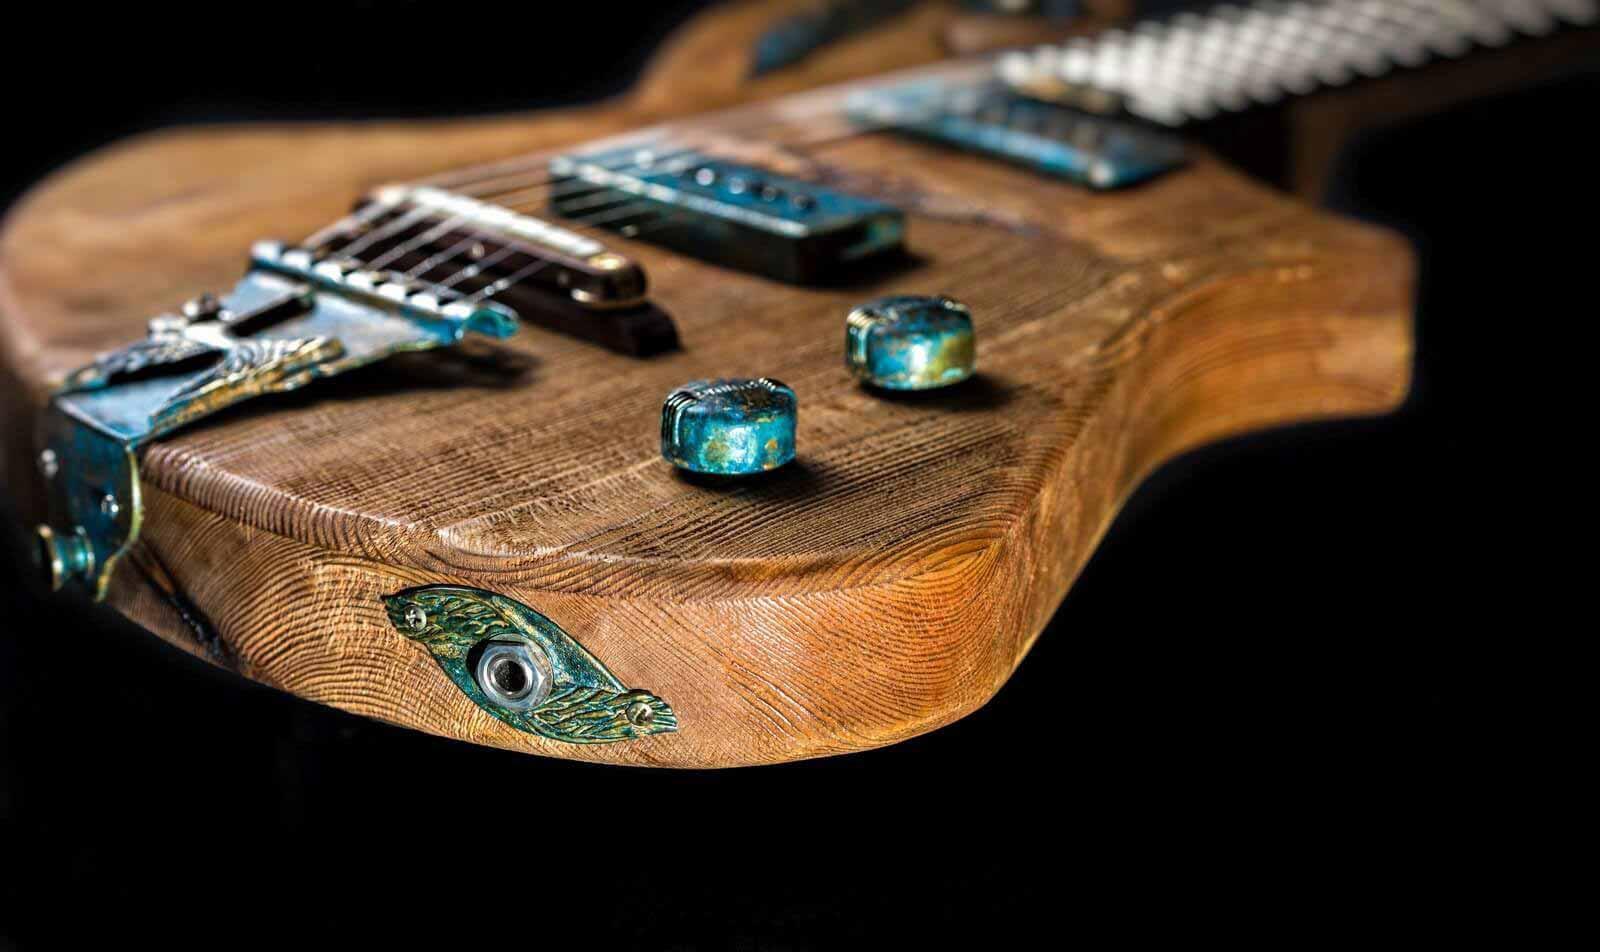 Историята на съвременната музика е значително оформена от един инструмент - електрическата китара